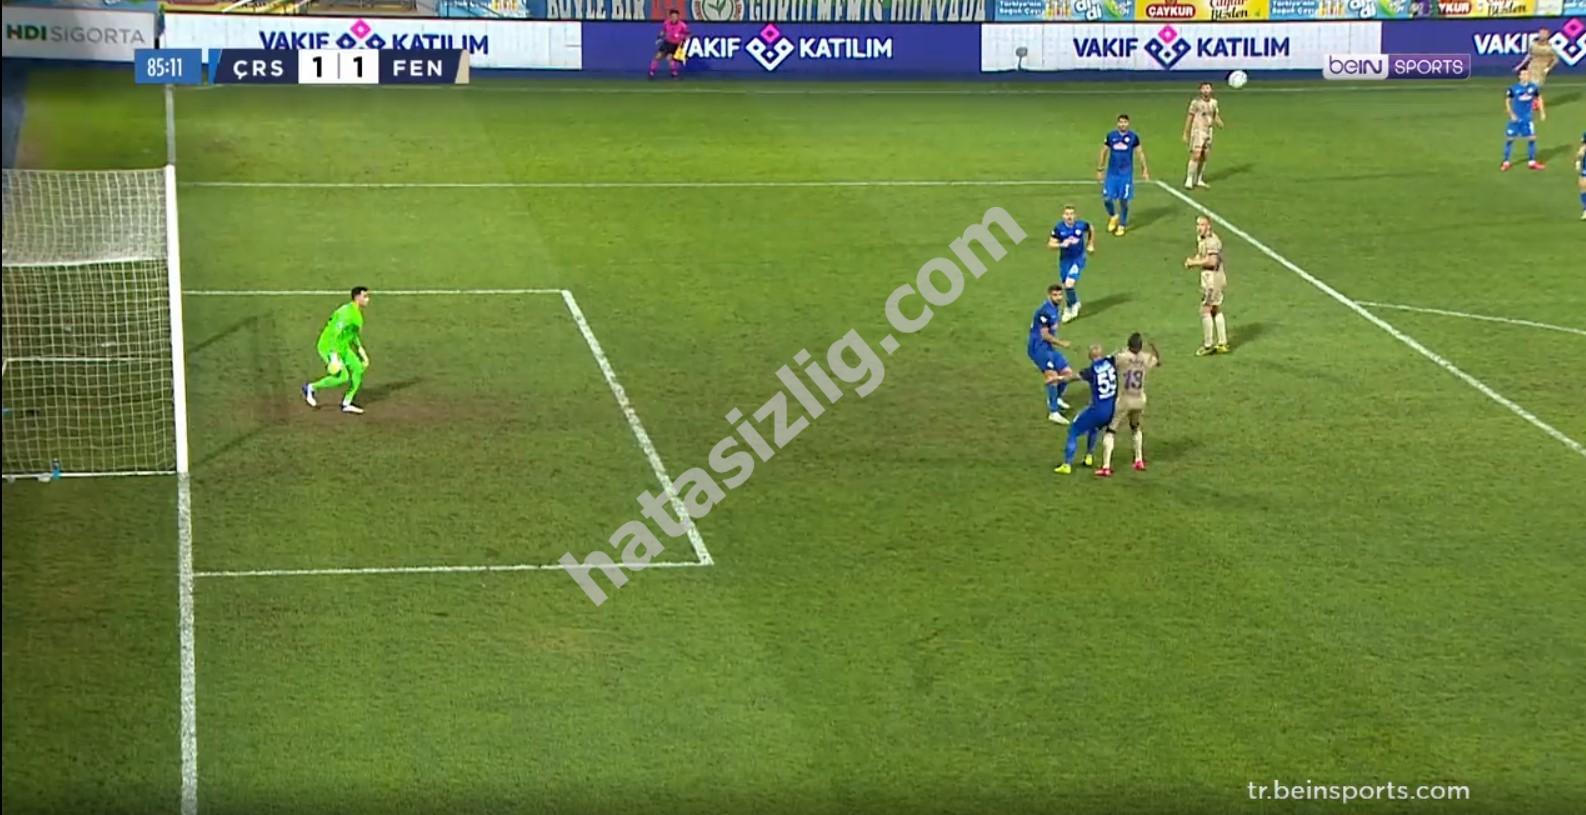 Morozyuk ve Valencia arasındaki mücadele sonrası Fenerbahçe lehine penaltı çıktı